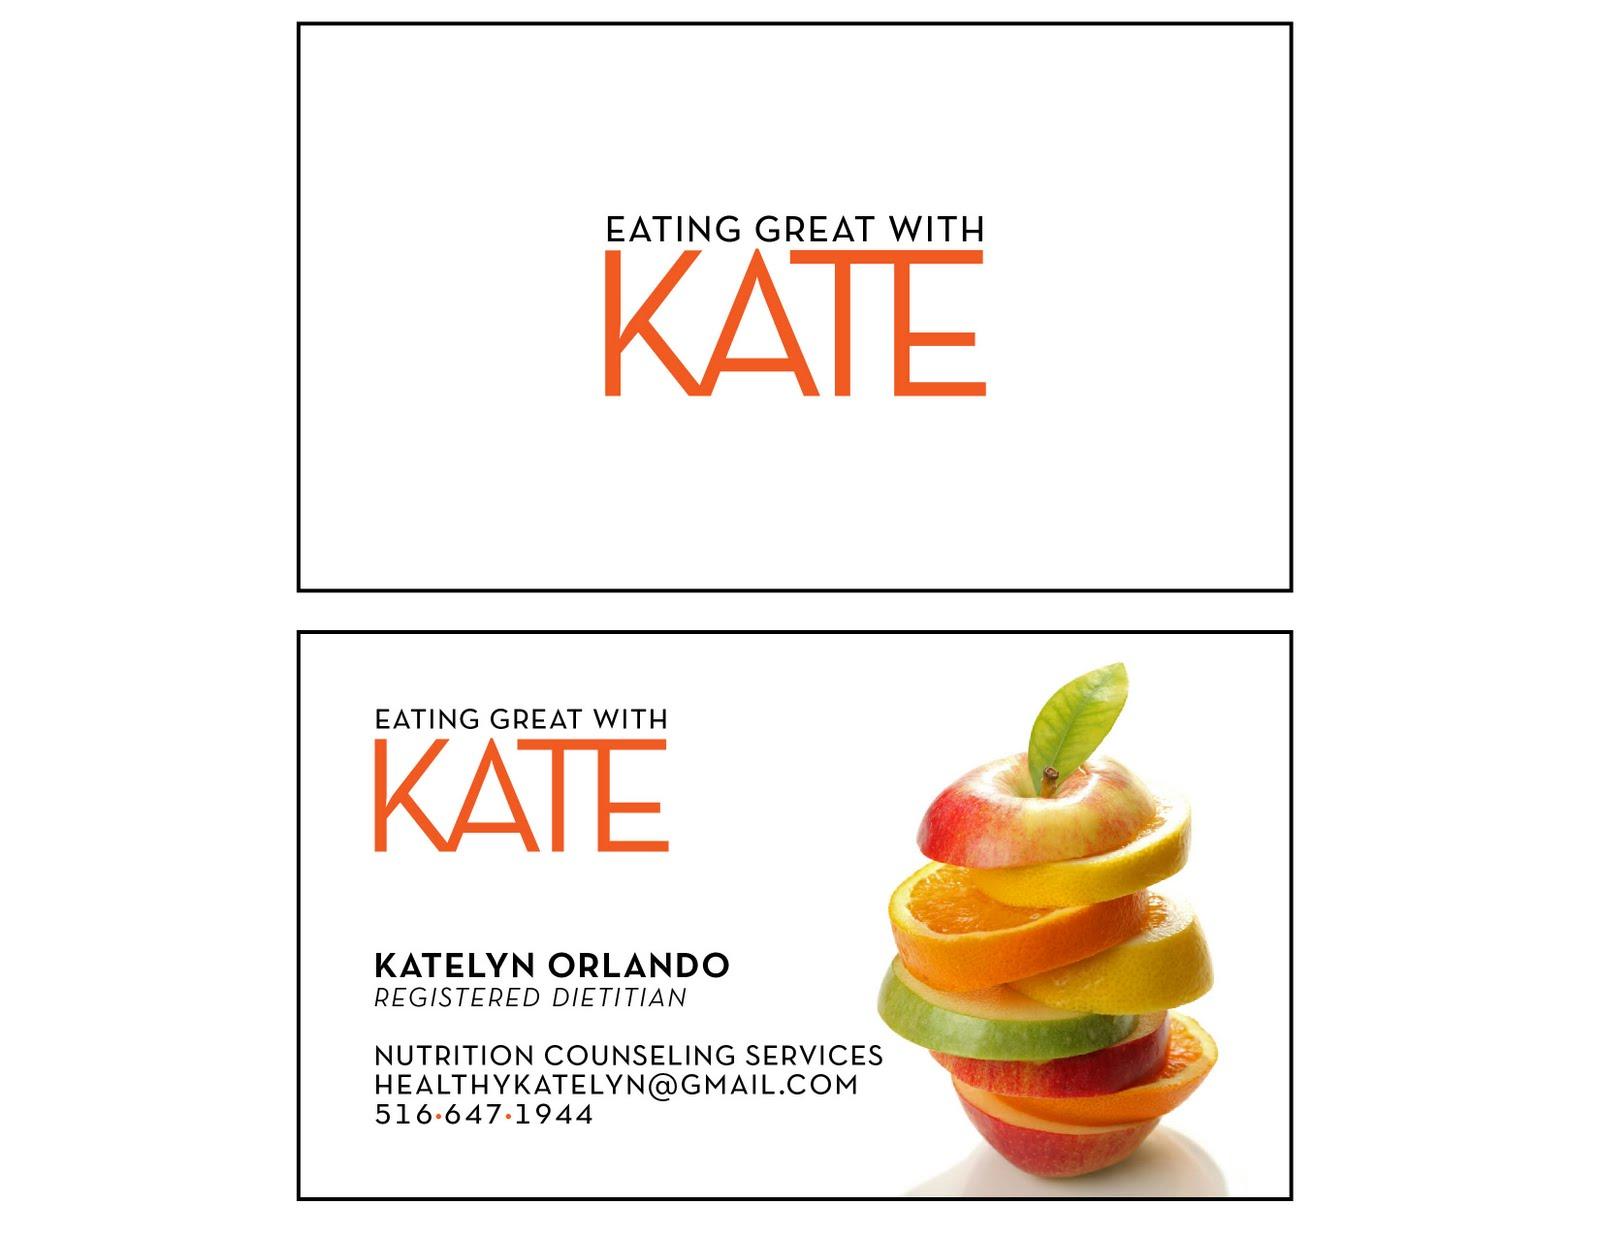 Christine Orlando BUSINESS CARD DESIGN